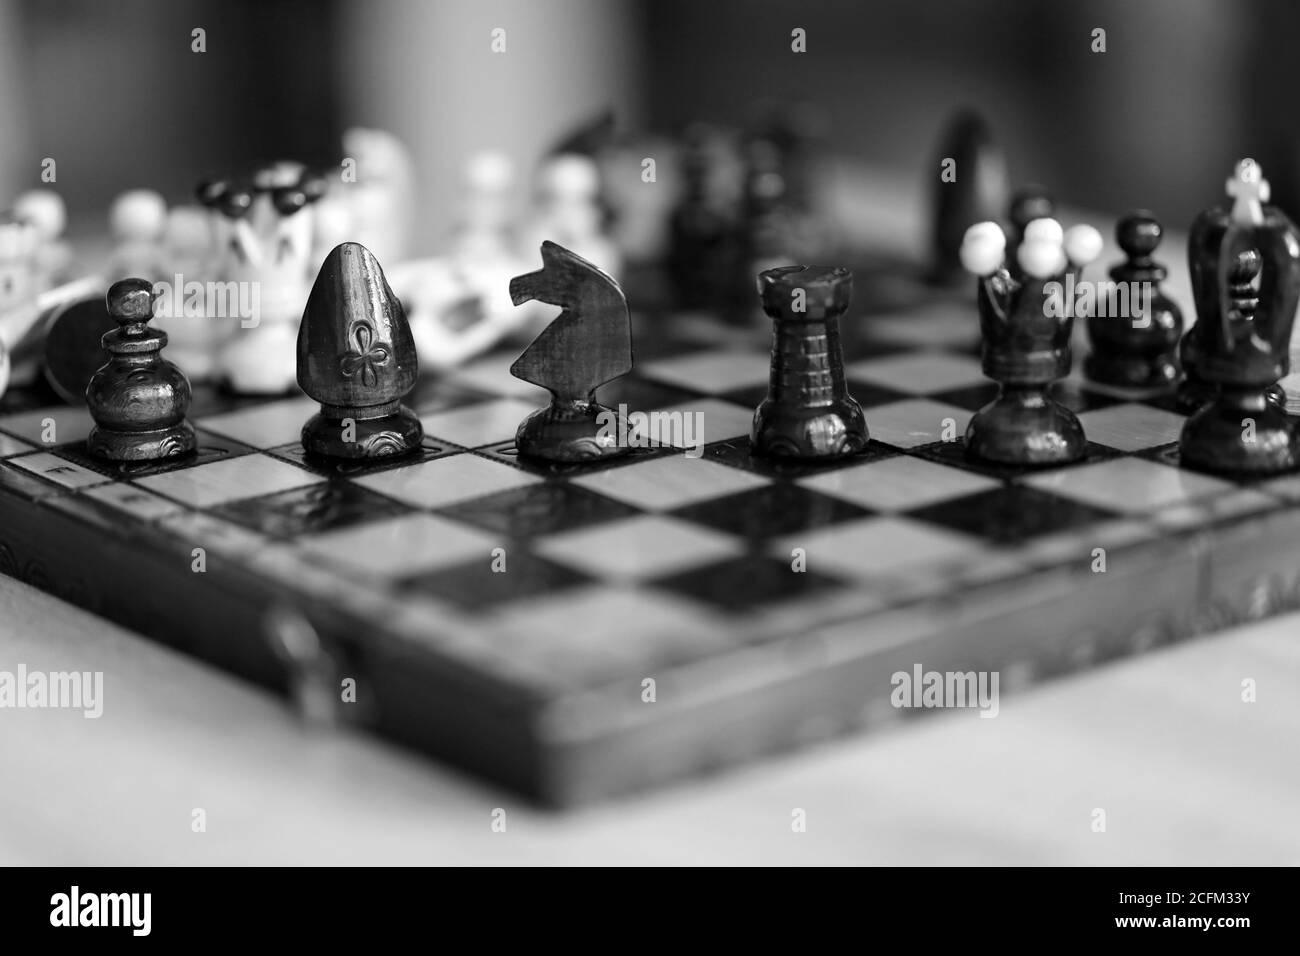 Pièces d'échecs sur plateau de jeu en bois de couleur noire et blanche. Les pièces comprennent le pion, le roi, la reine, l'évêque, le chevalier et le rook. Banque D'Images